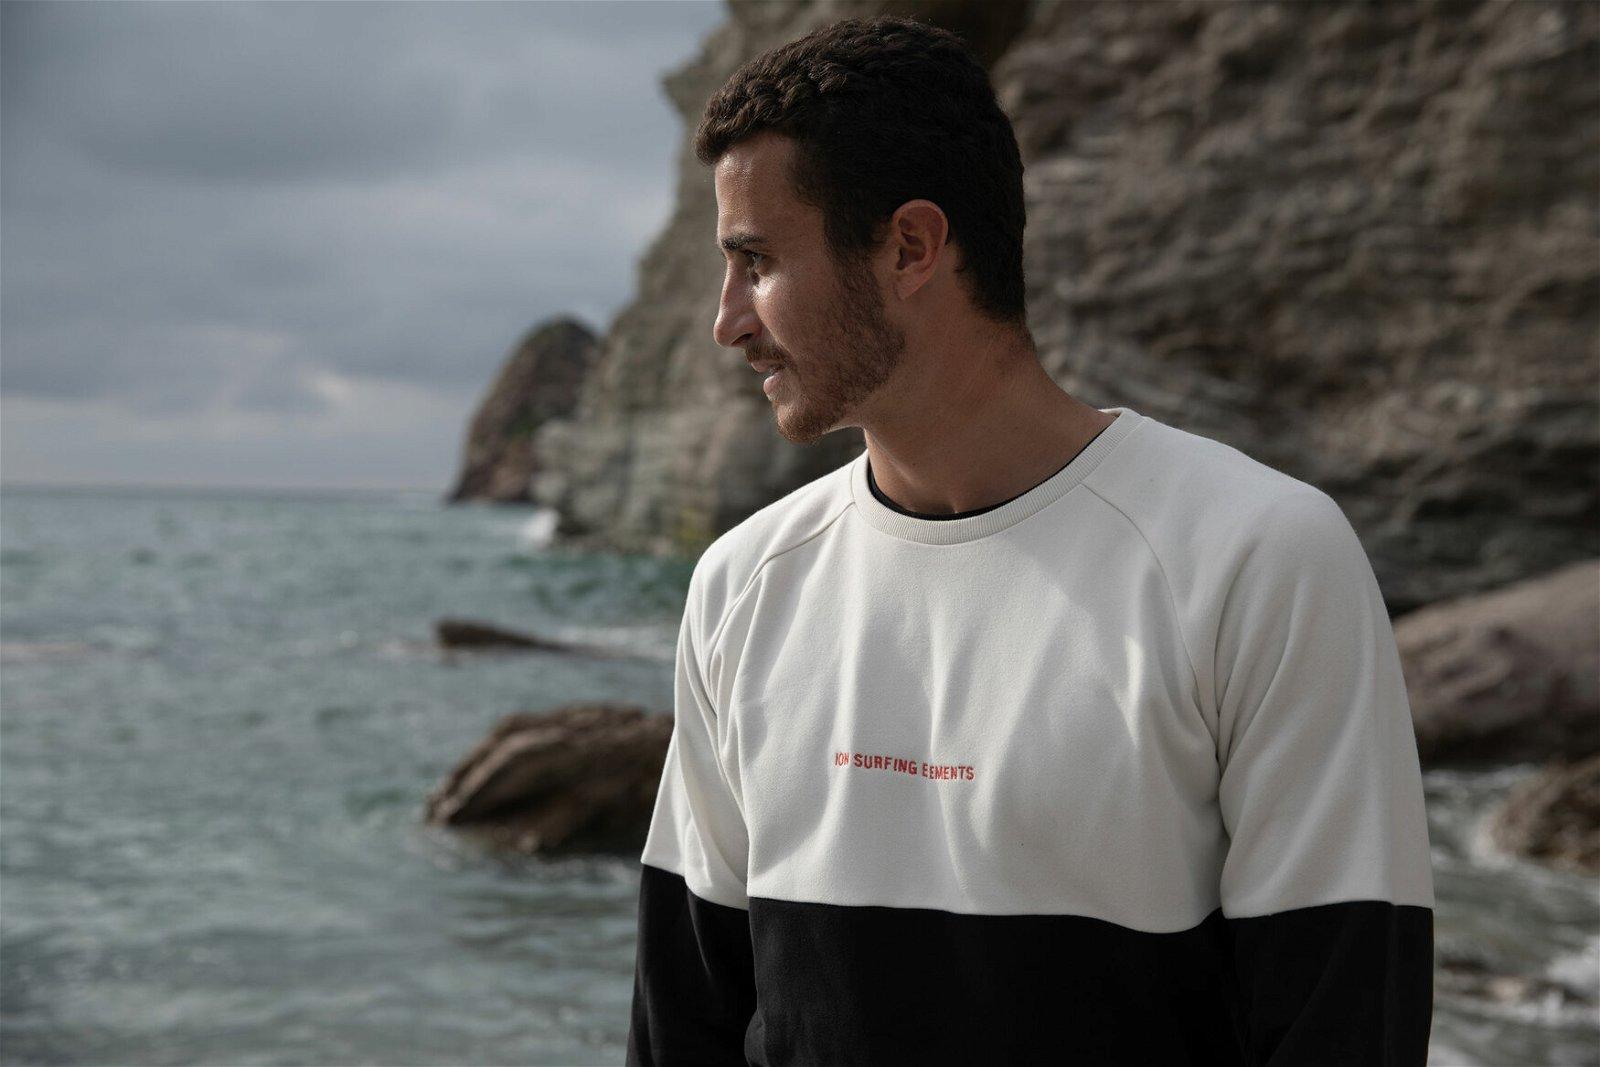 Sweater_Surfingelements_Front.jpg